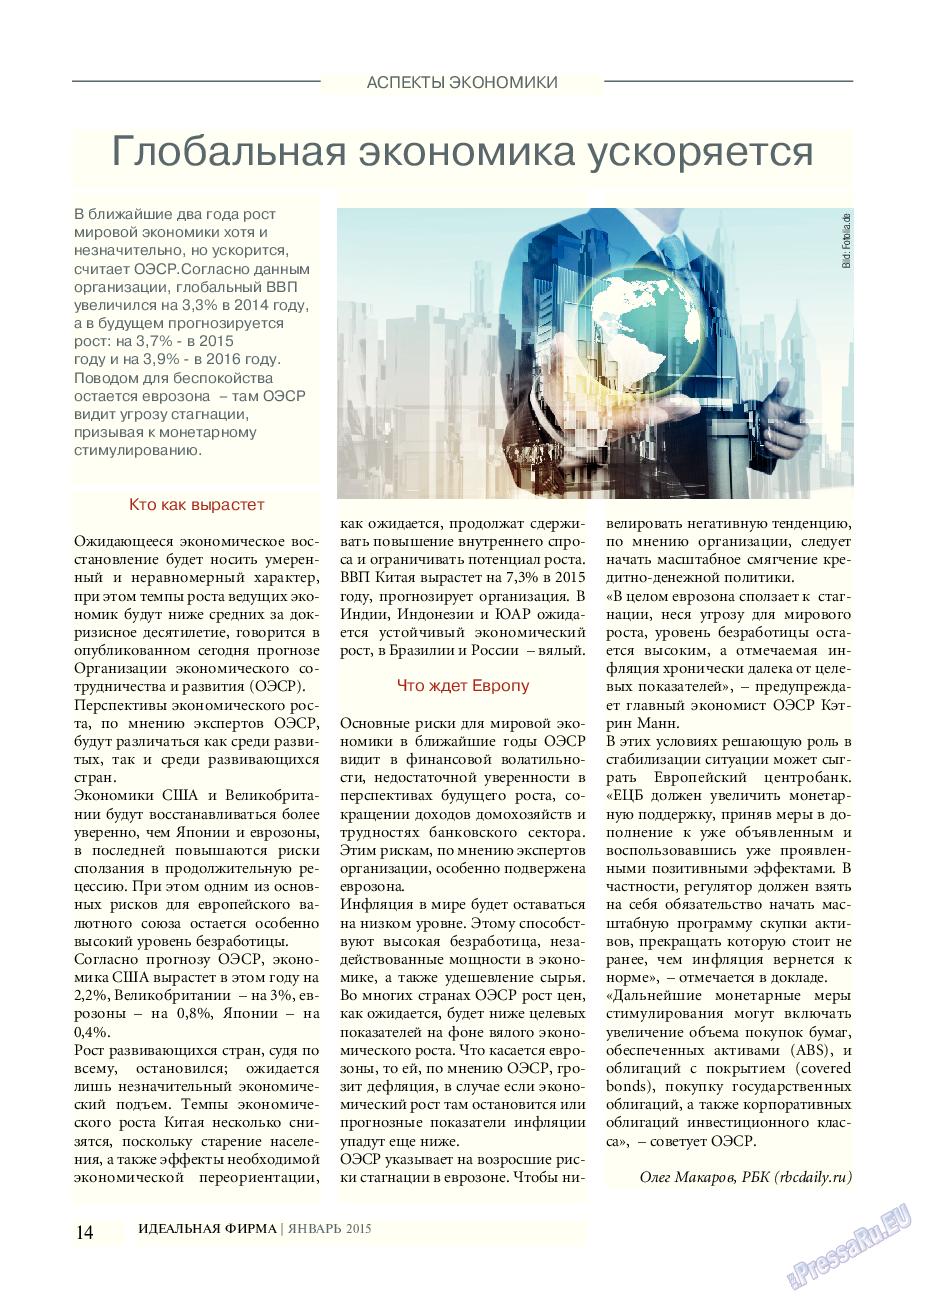 Идеальная фирма (журнал). 2015 год, номер 1, стр. 14